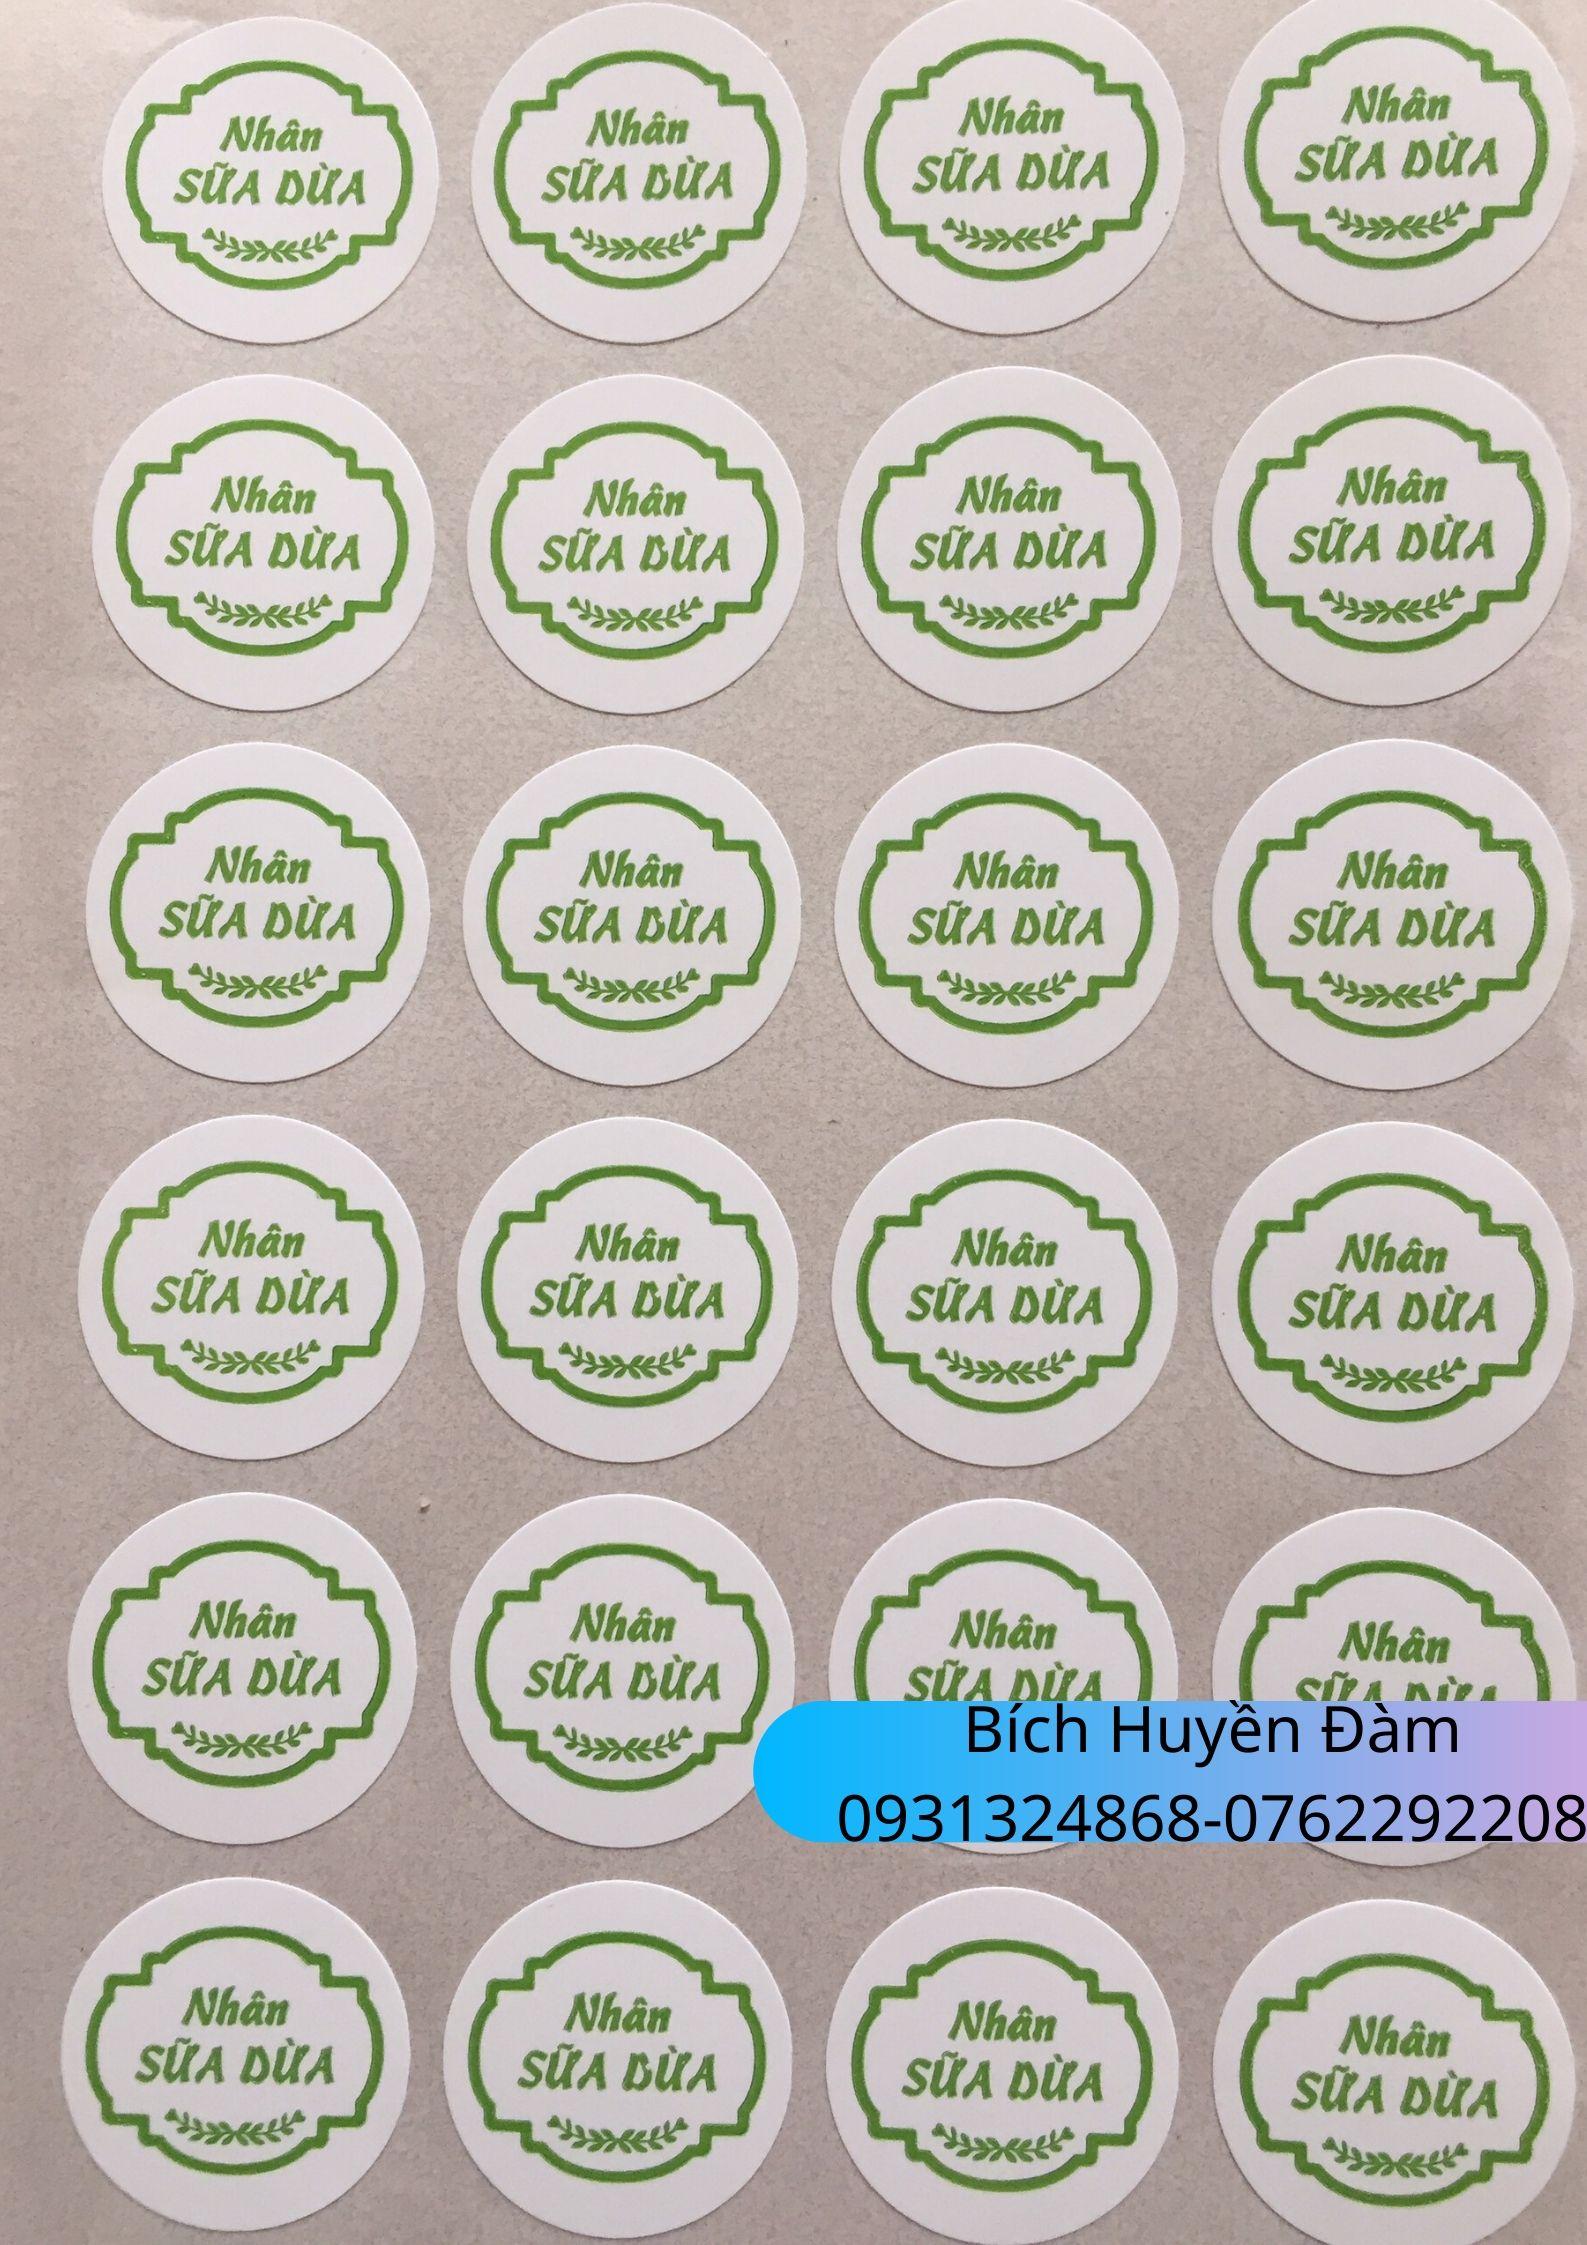 Tem Nhân Bánh Trung Thu 2020 - Sữa dừa 03